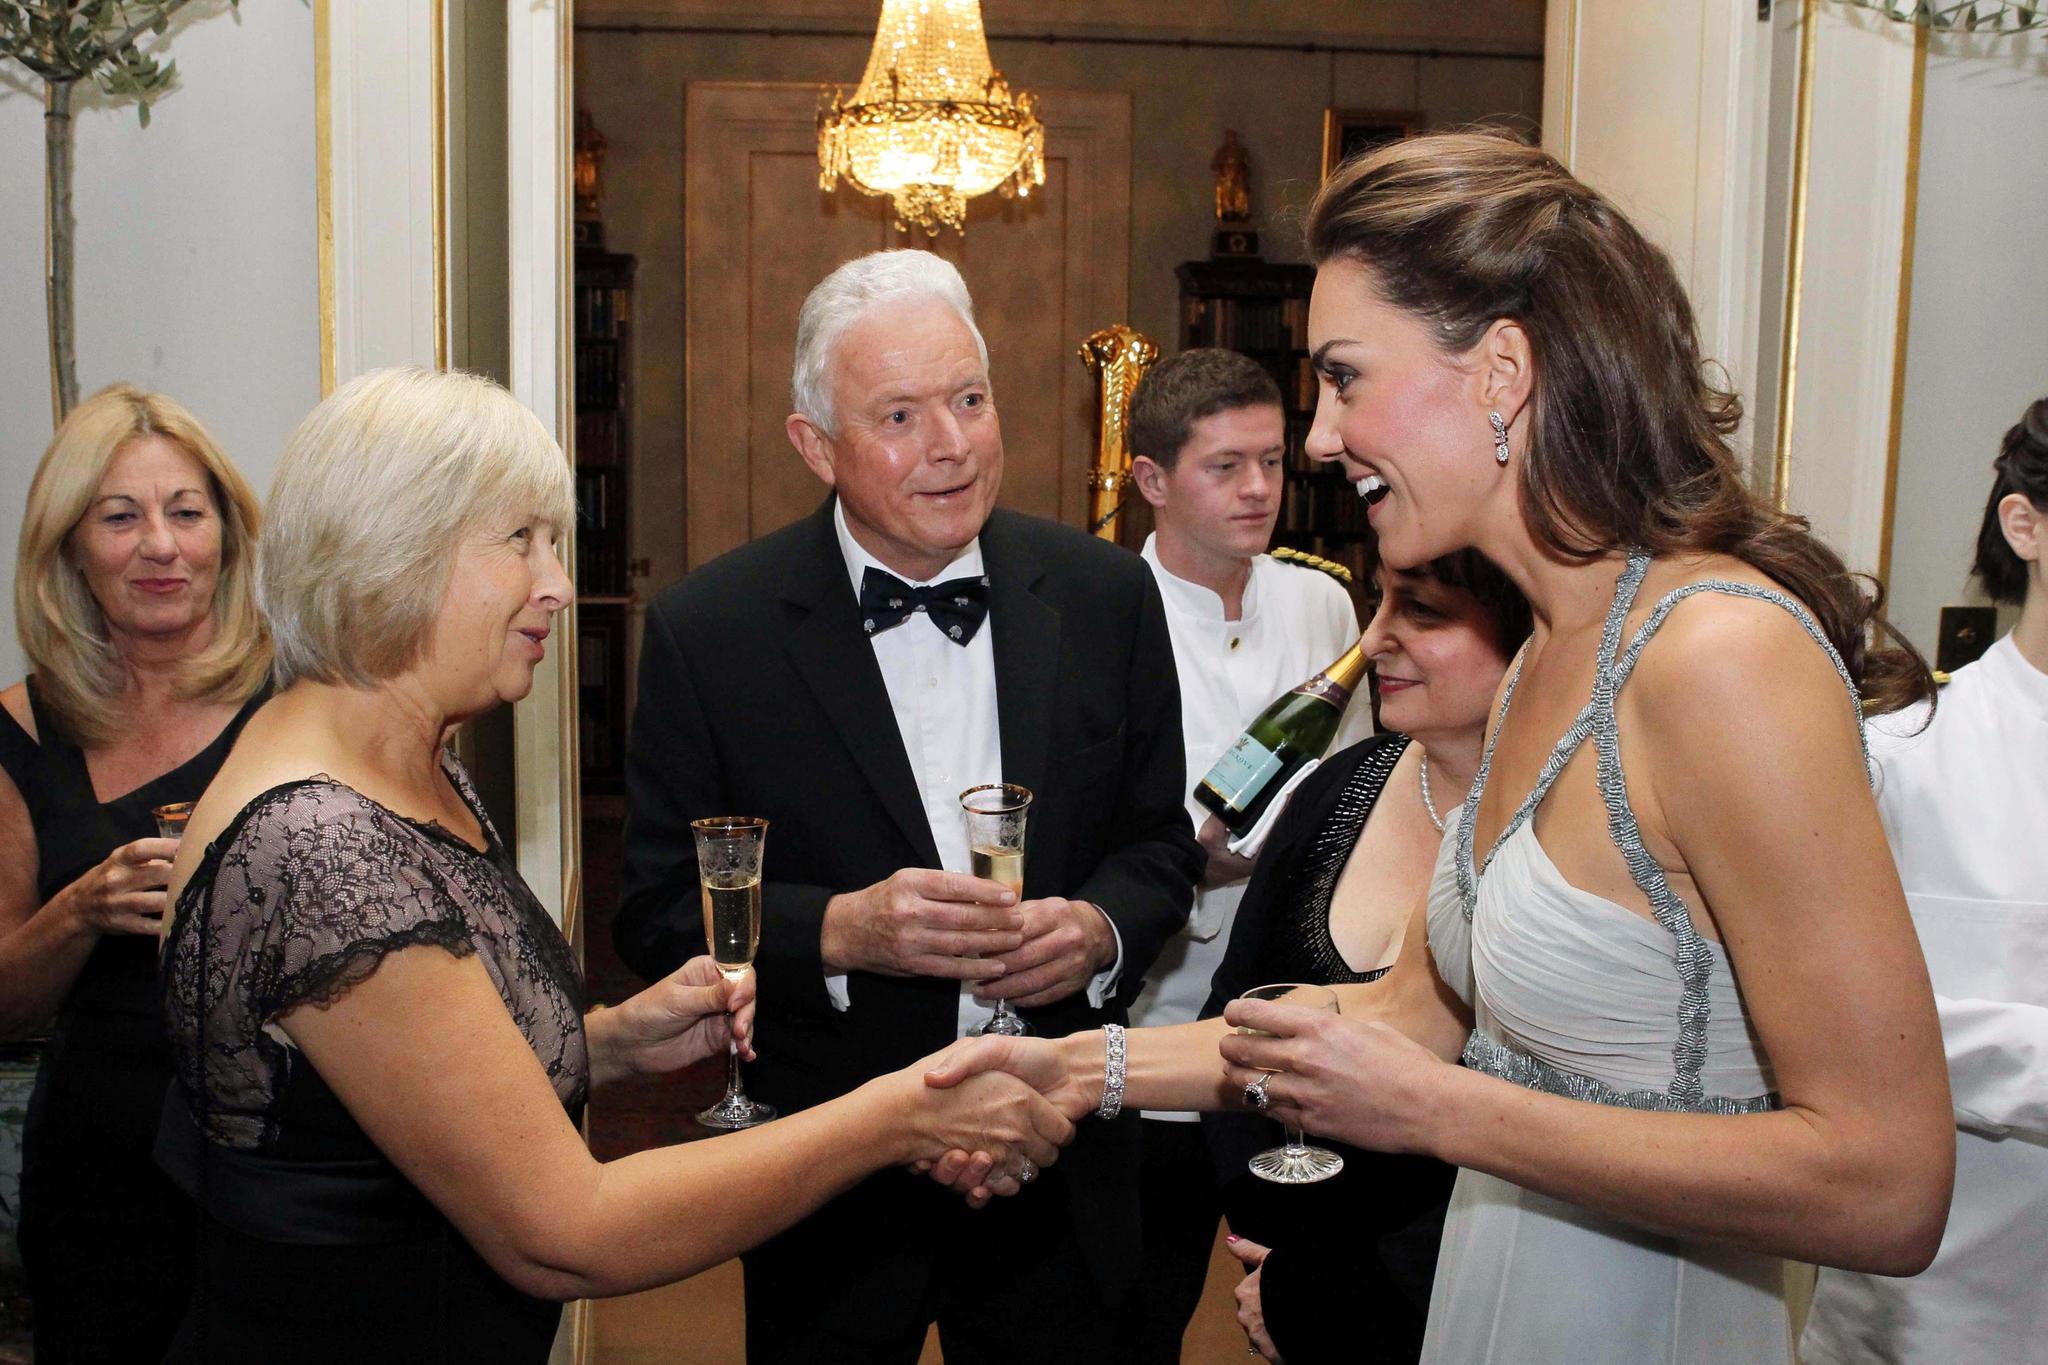 Herzogin Catherine übernahm im Oktober 2011 die Rolle des Gastgebers im Clarence House.